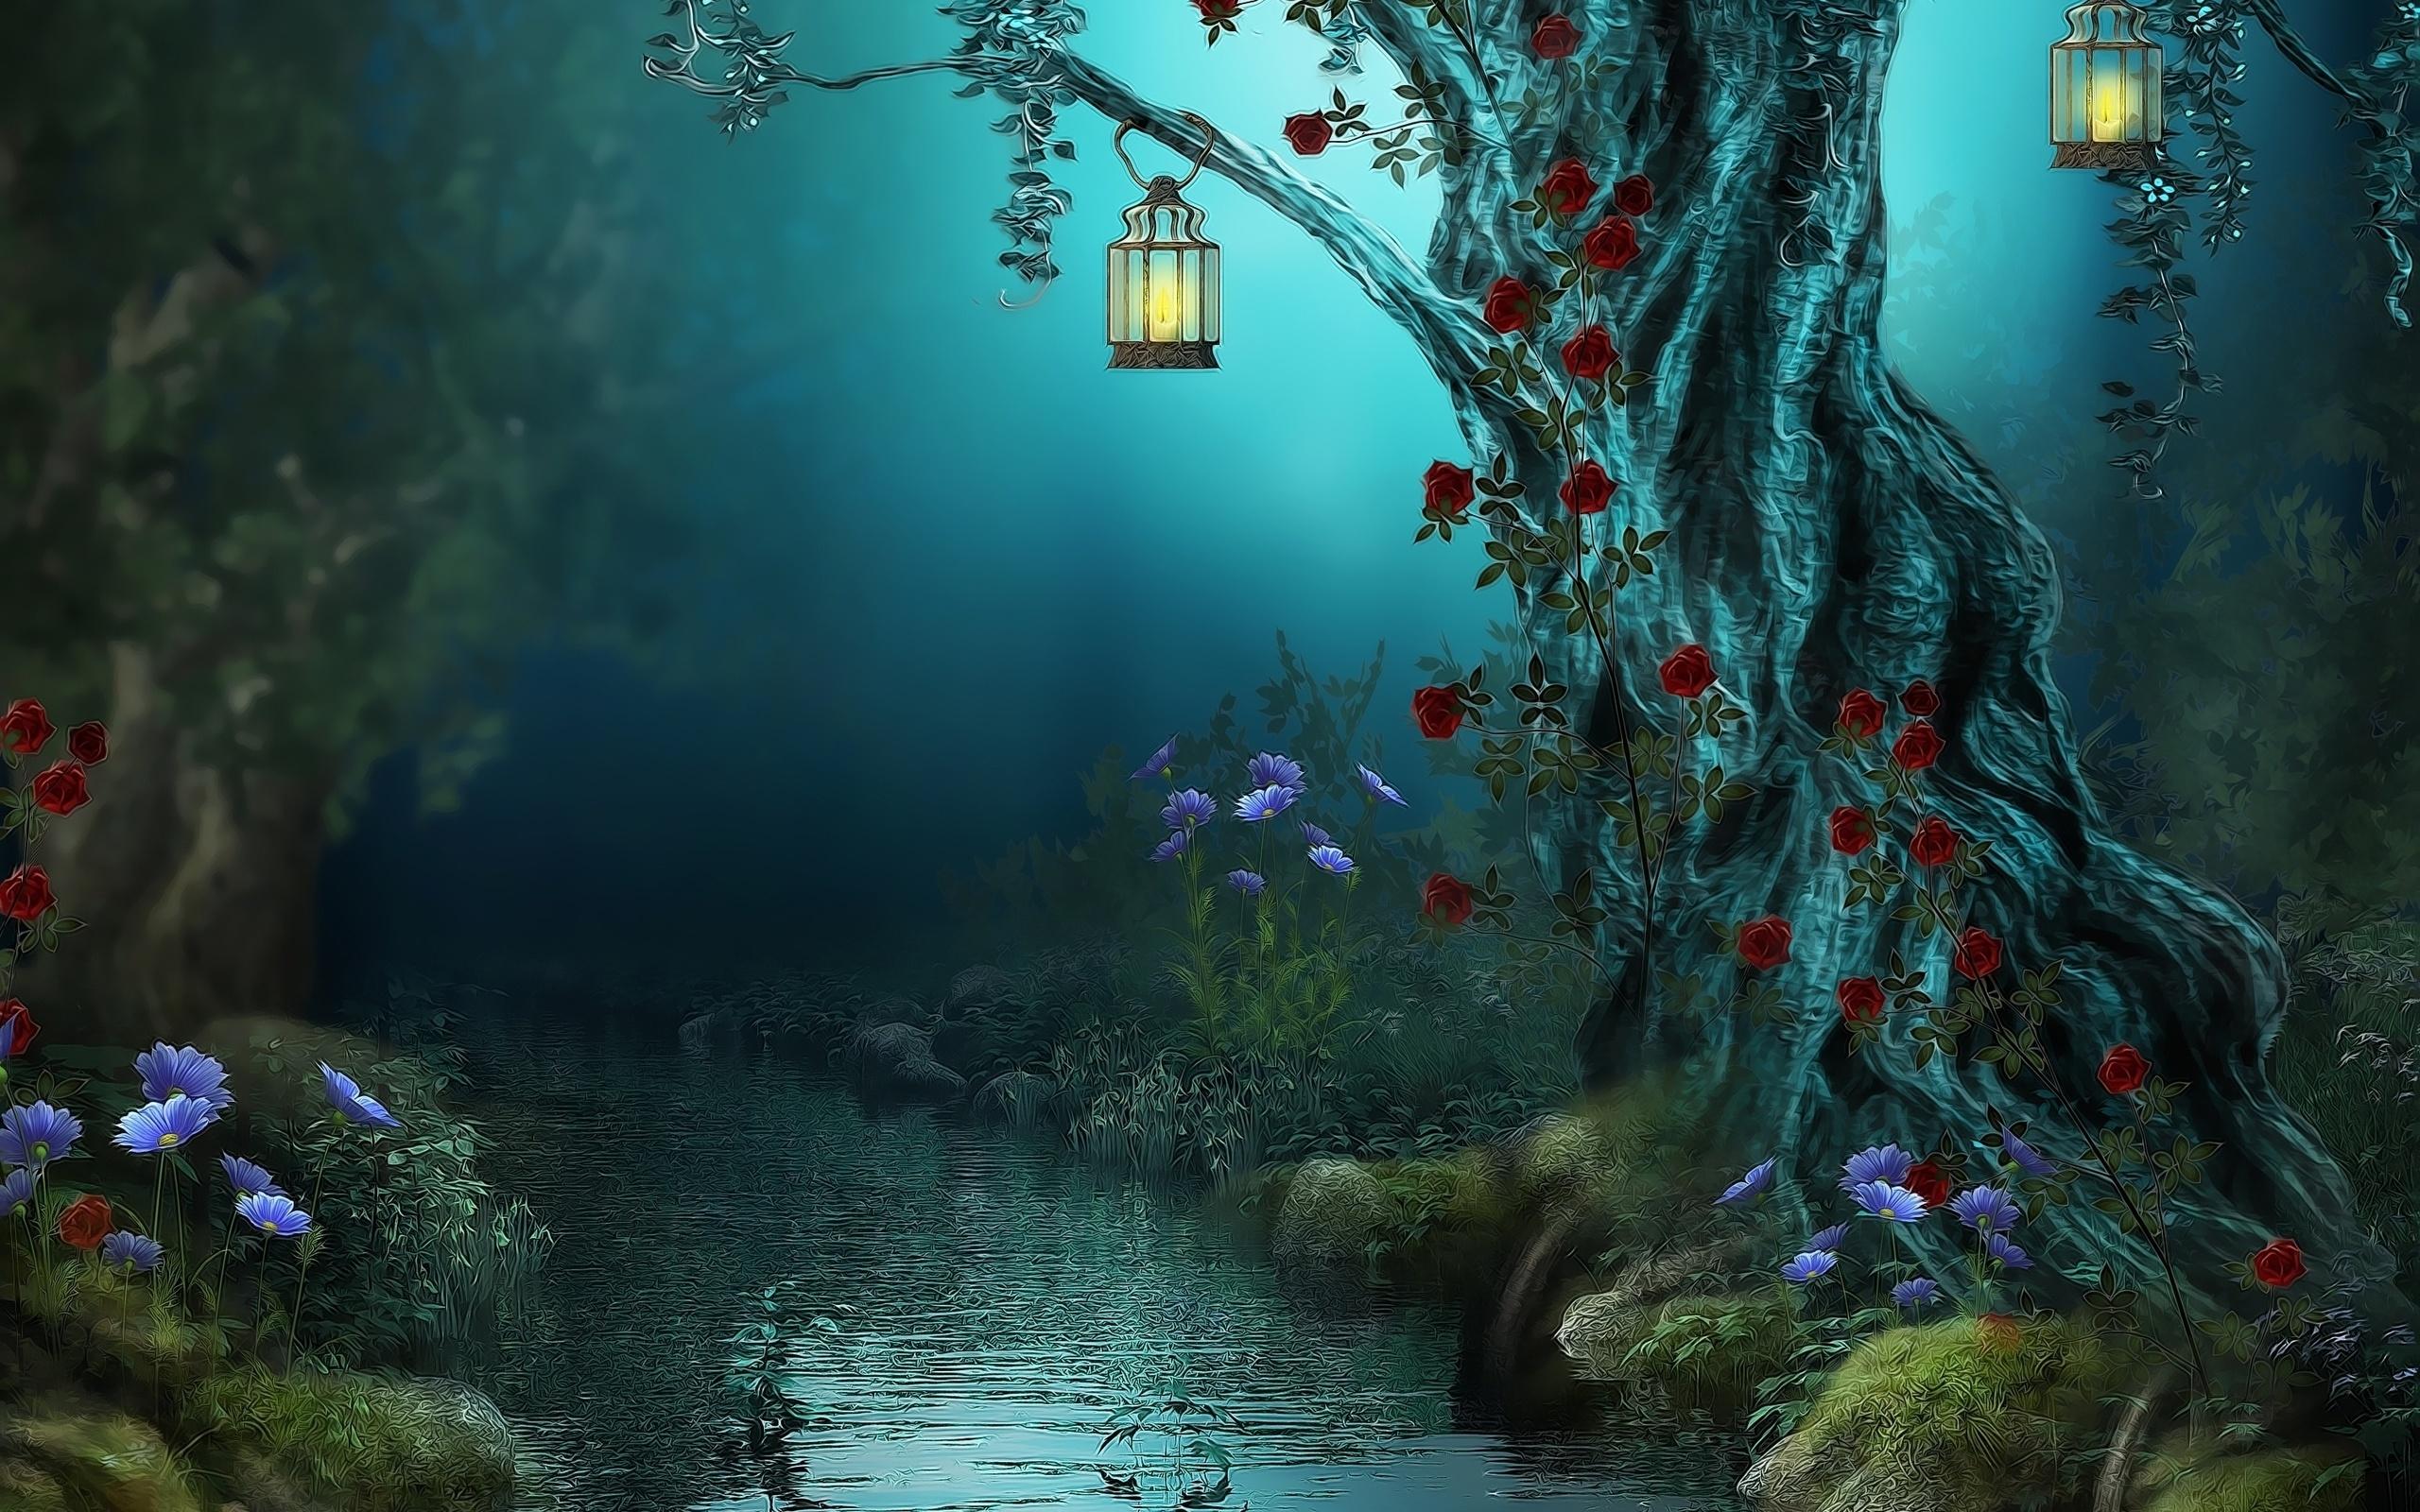 красивые мистические открытки можно